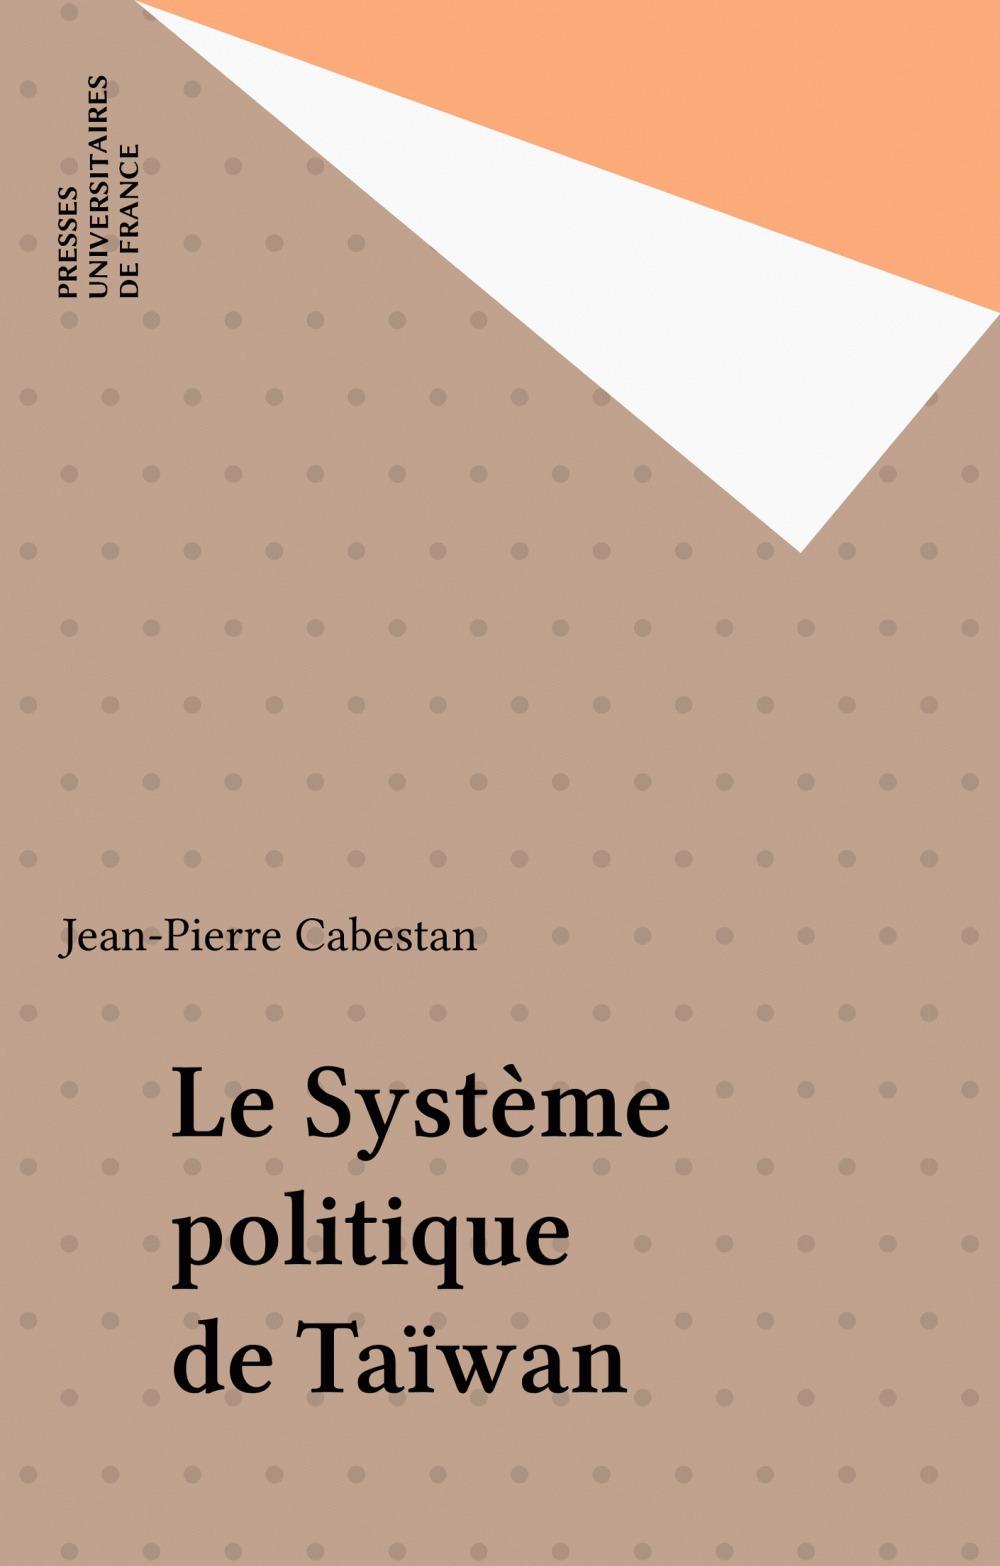 Le système politique de Taiwan  - Jean-Pierre Cabestan